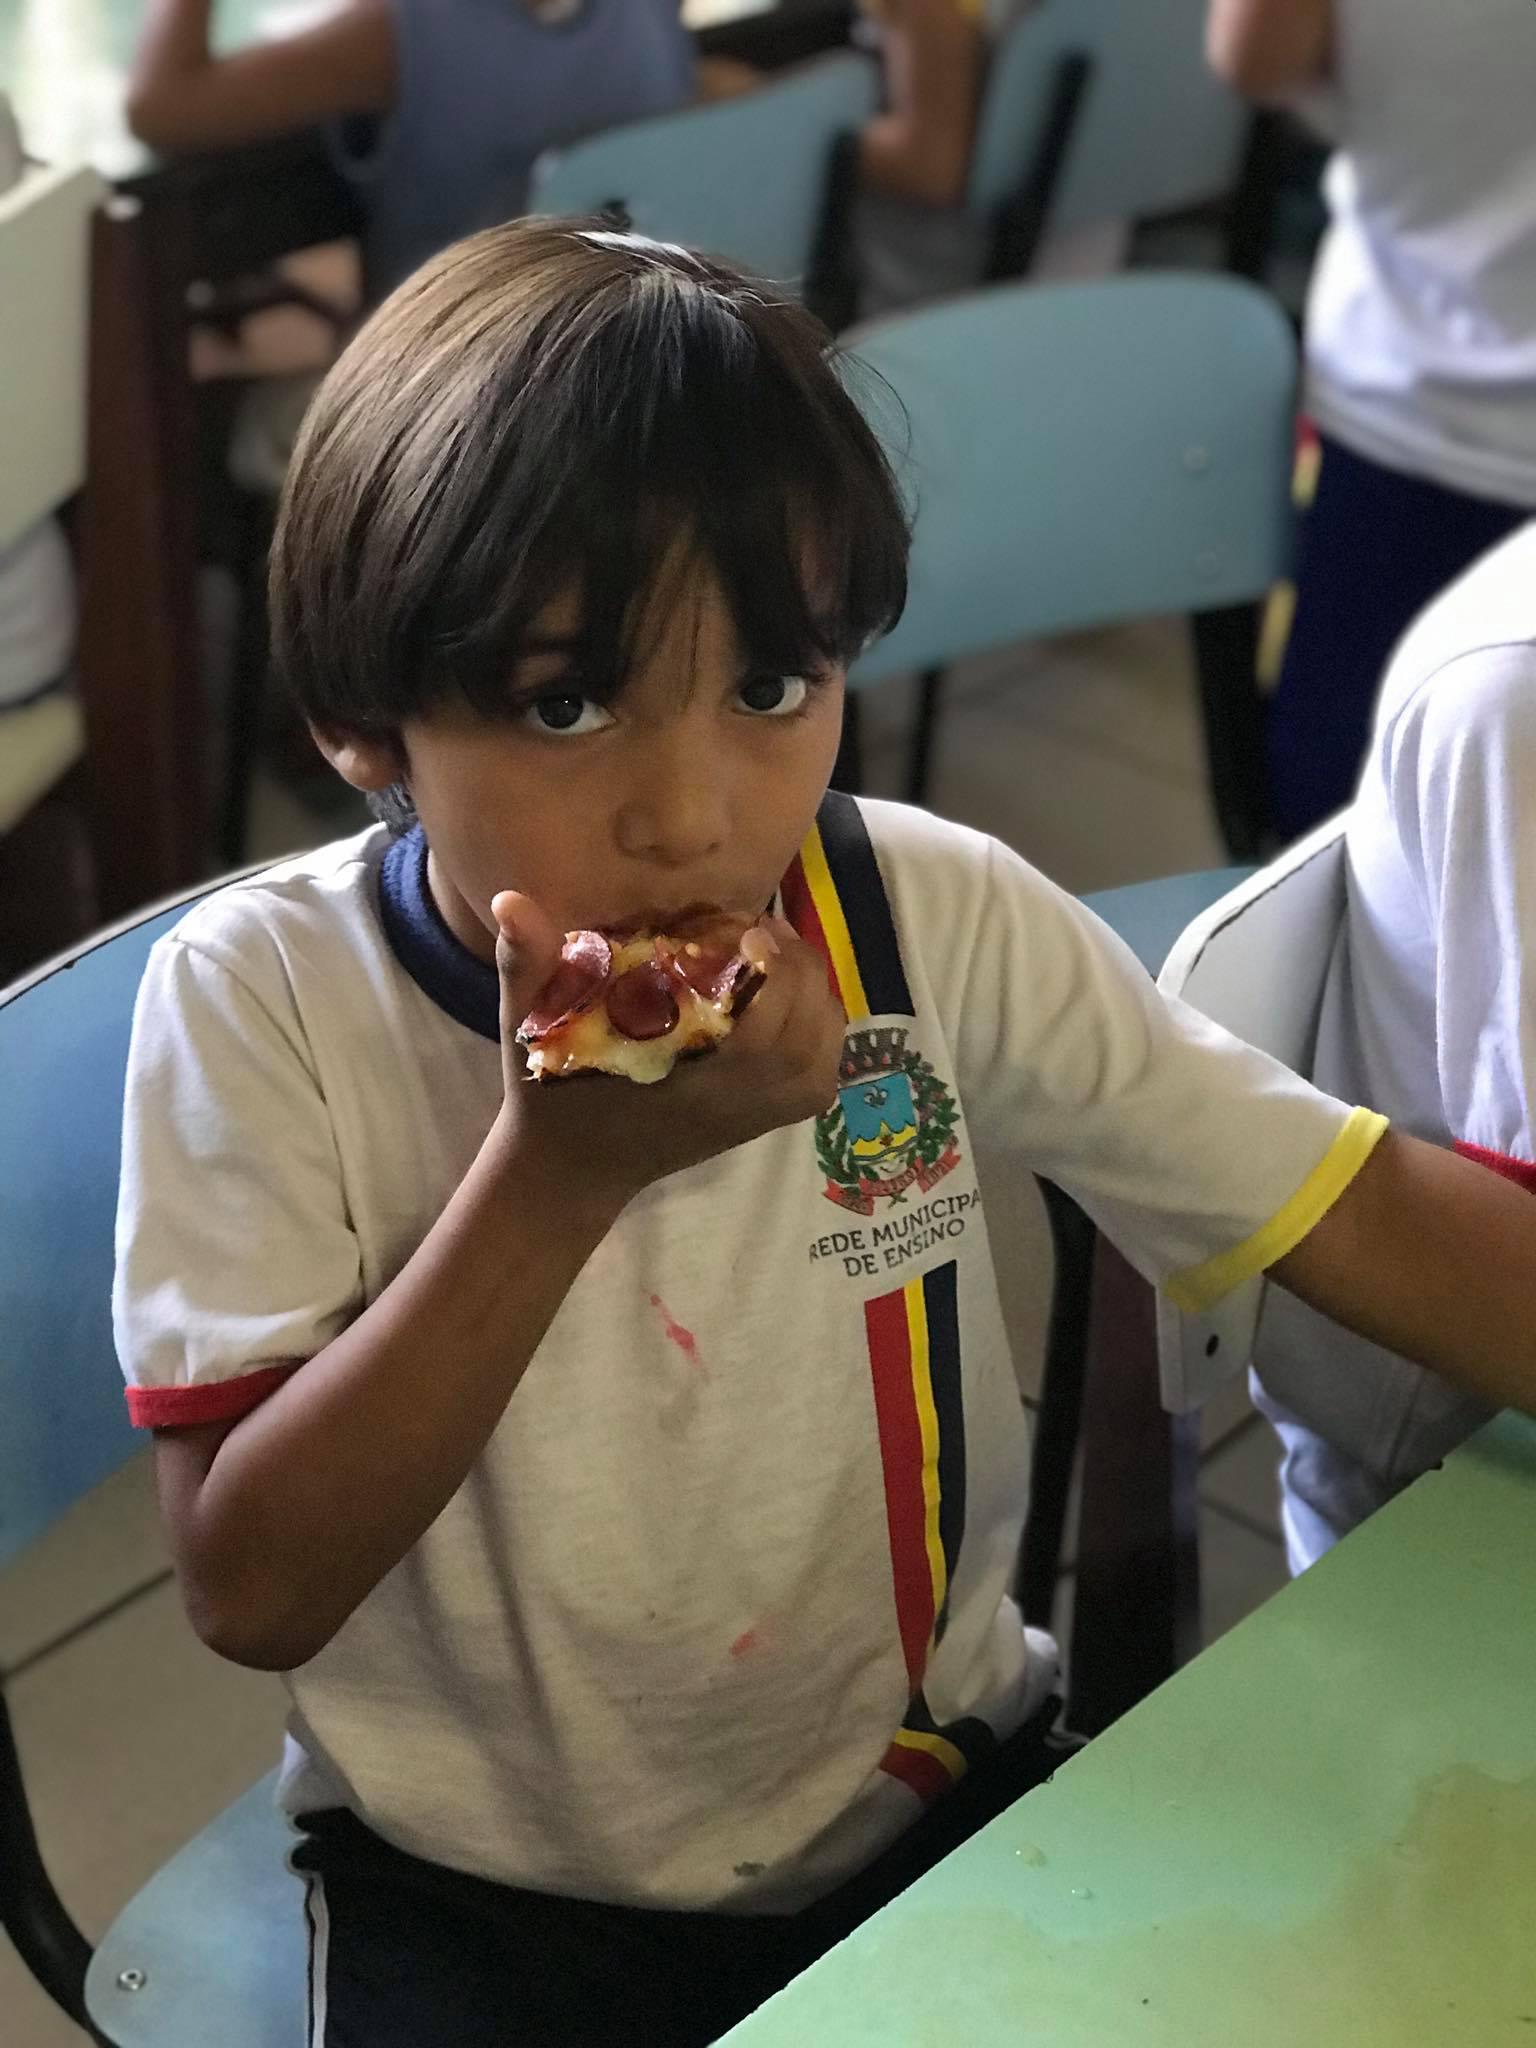 pizzaria dia pizza creche alegre espírito santo